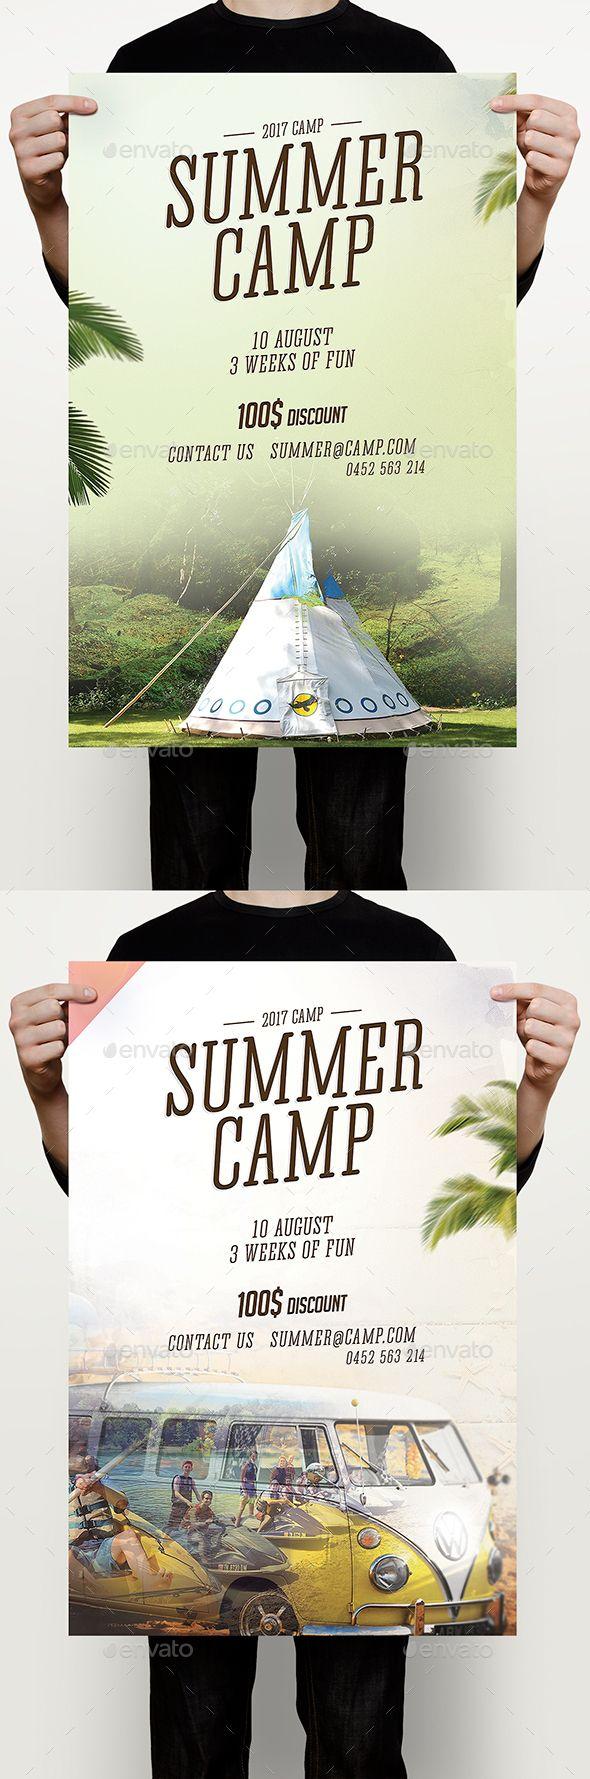 Summer Camp Flyer   Campamento, Diseño editorial y Editorial